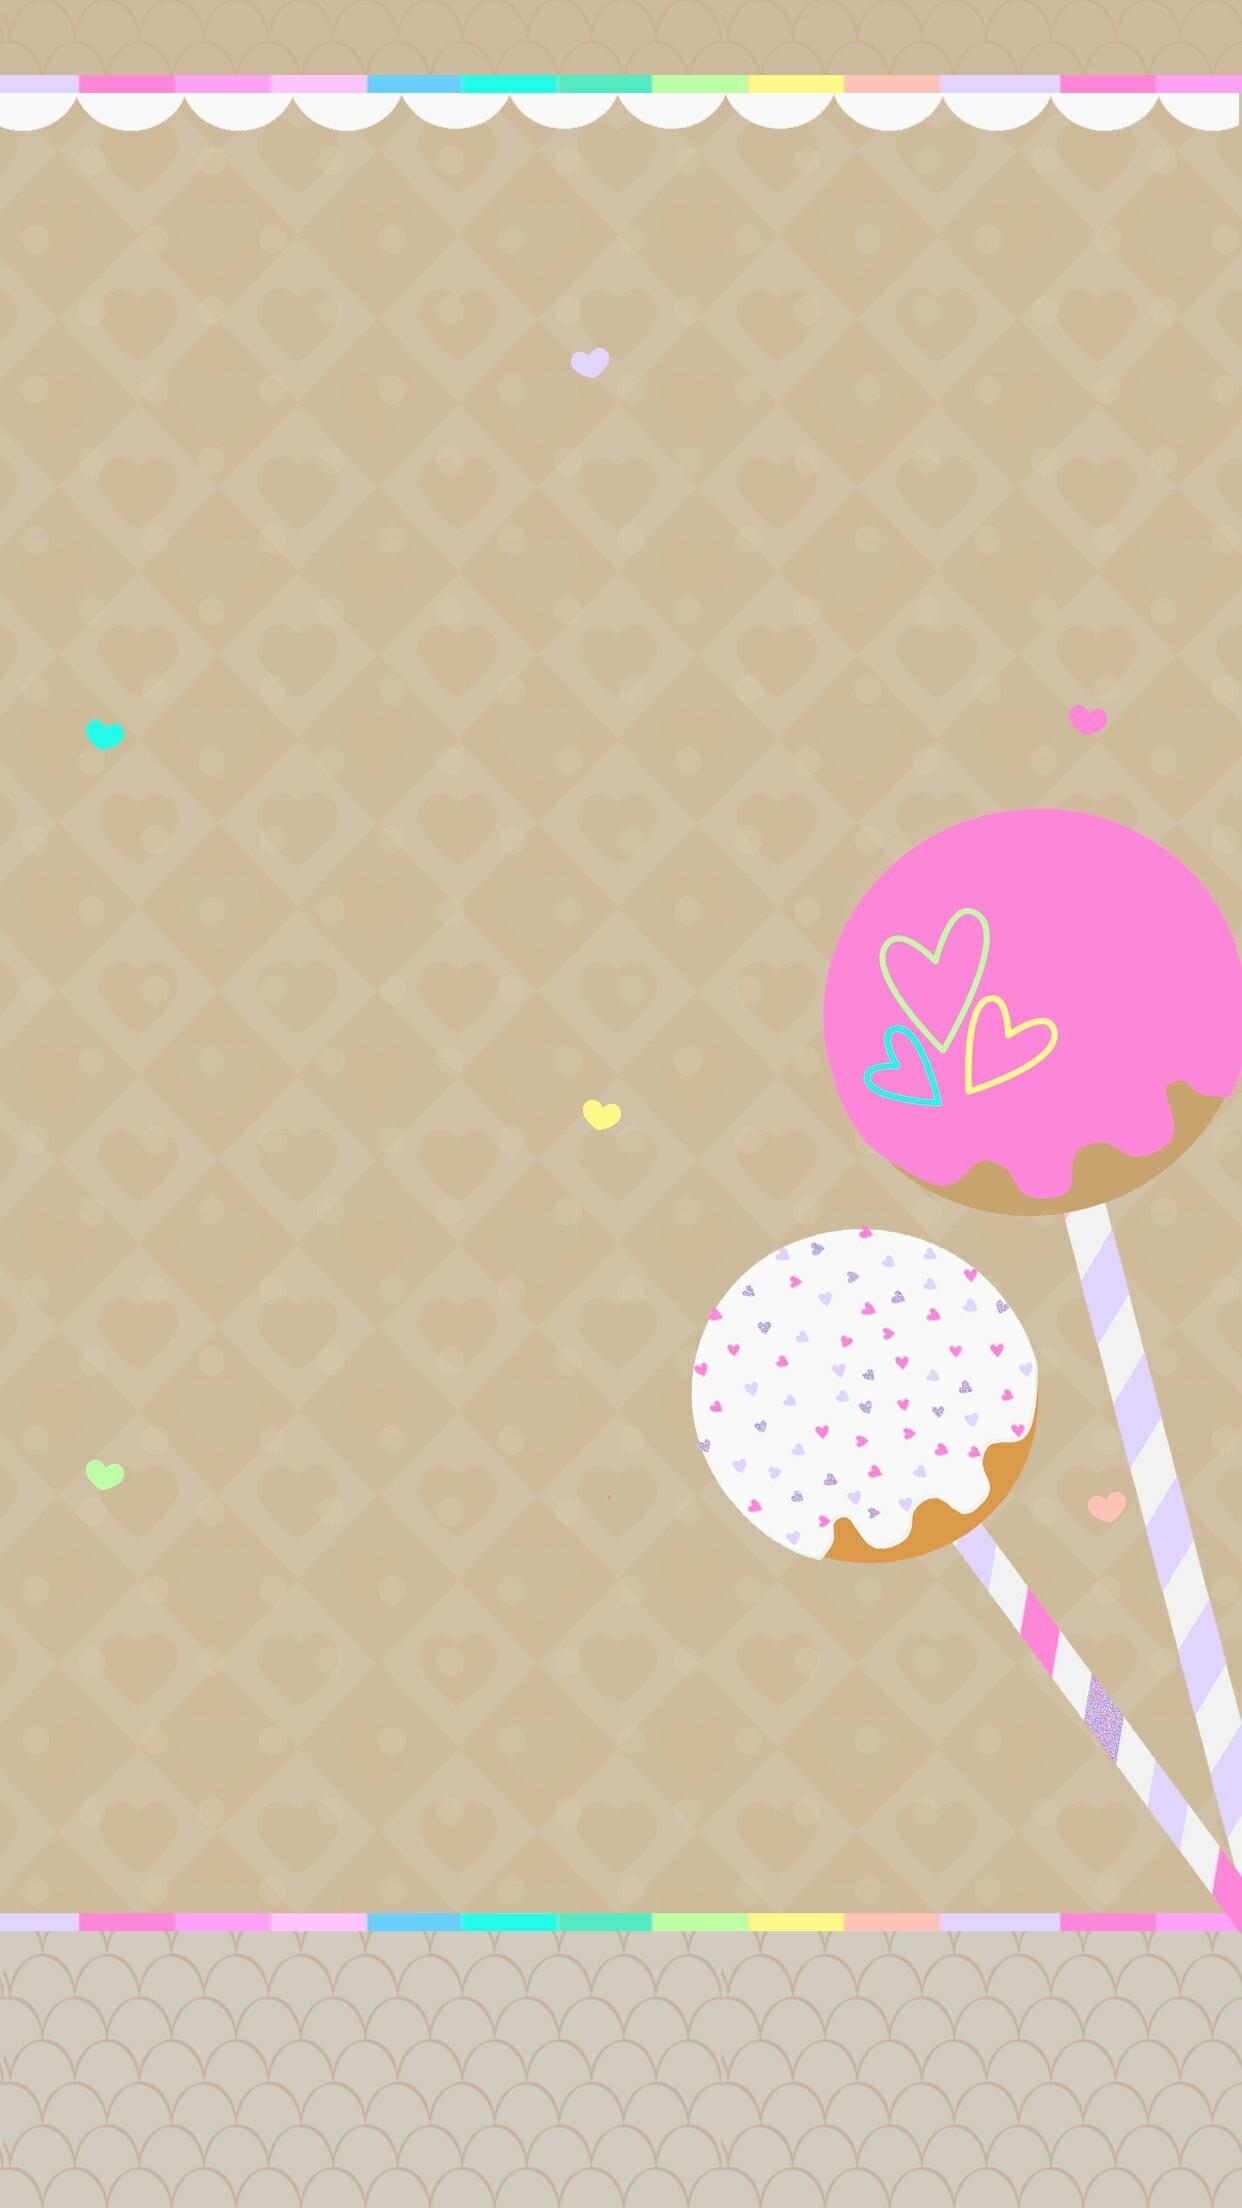 Iphone Wall Tjn - Cake Kartun - HD Wallpaper